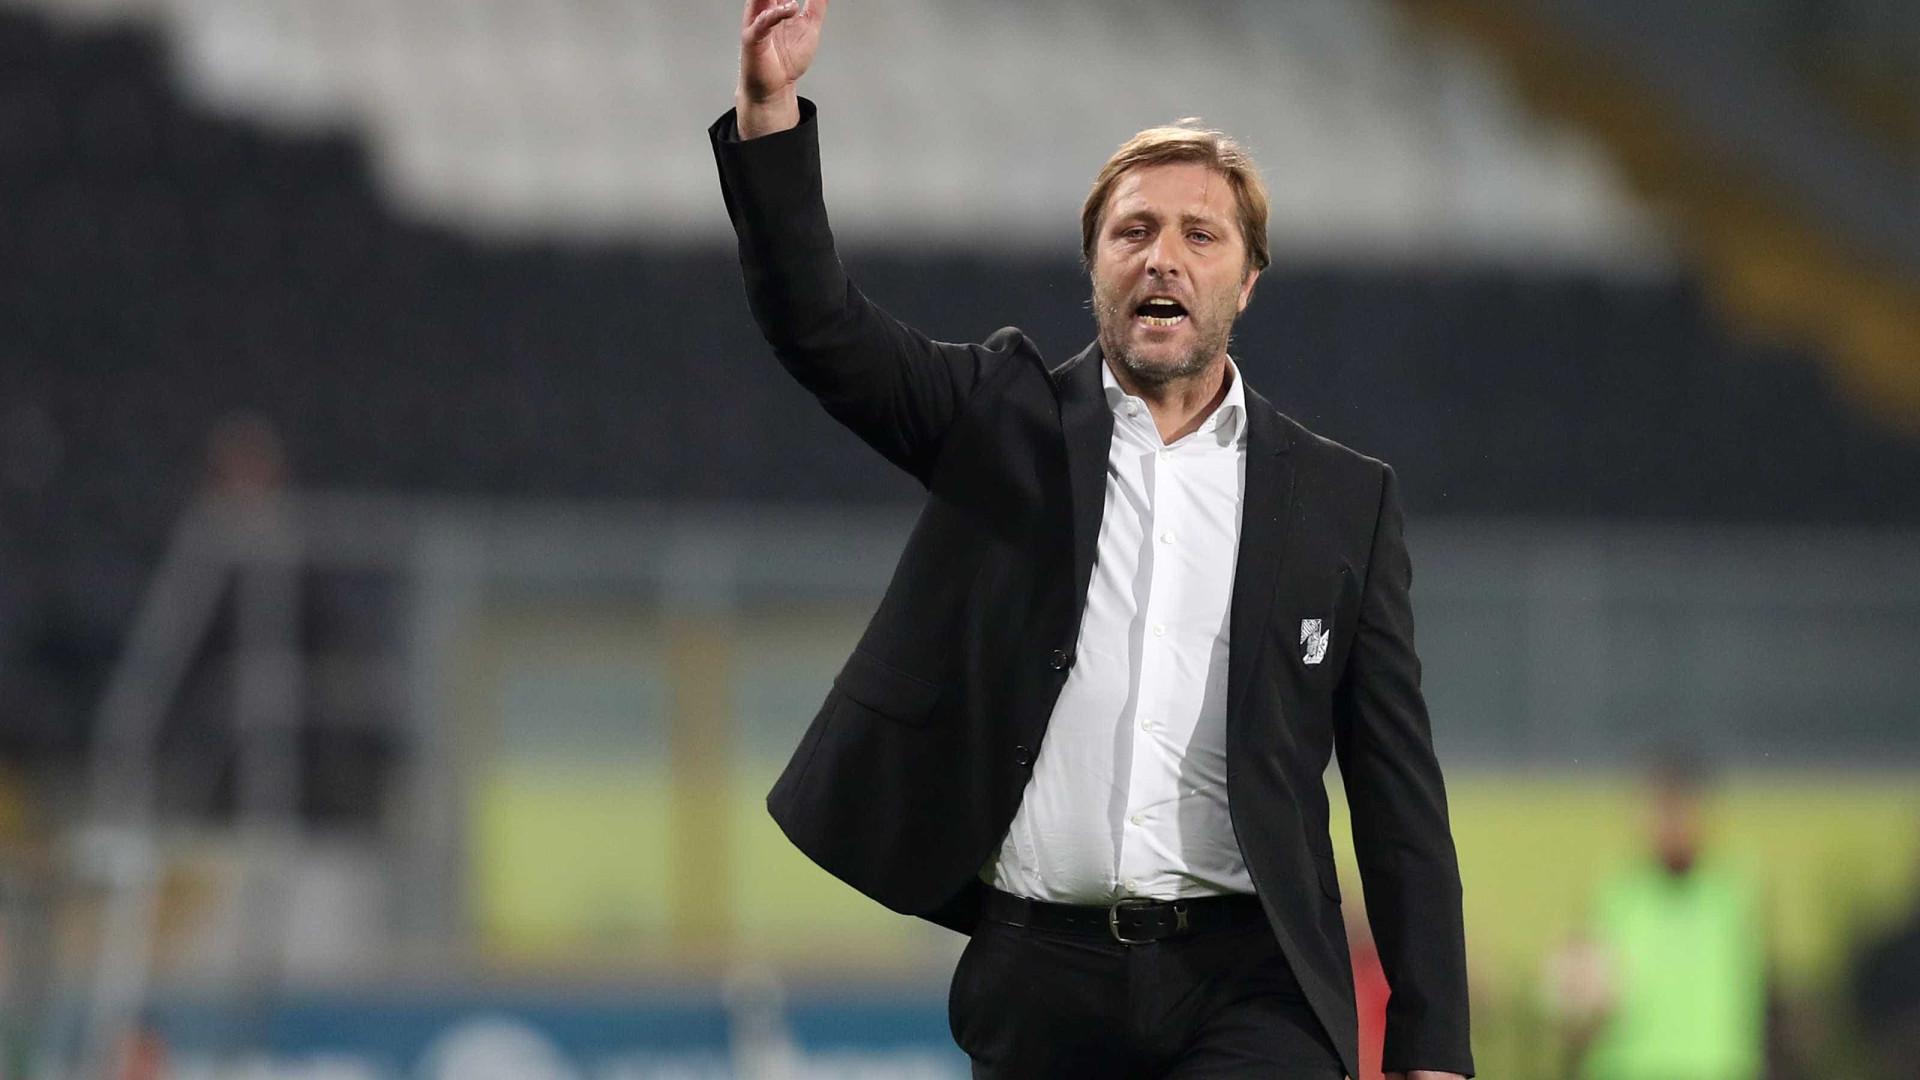 Pedro Martins diz que Vitória a subir quer vencer em Braga